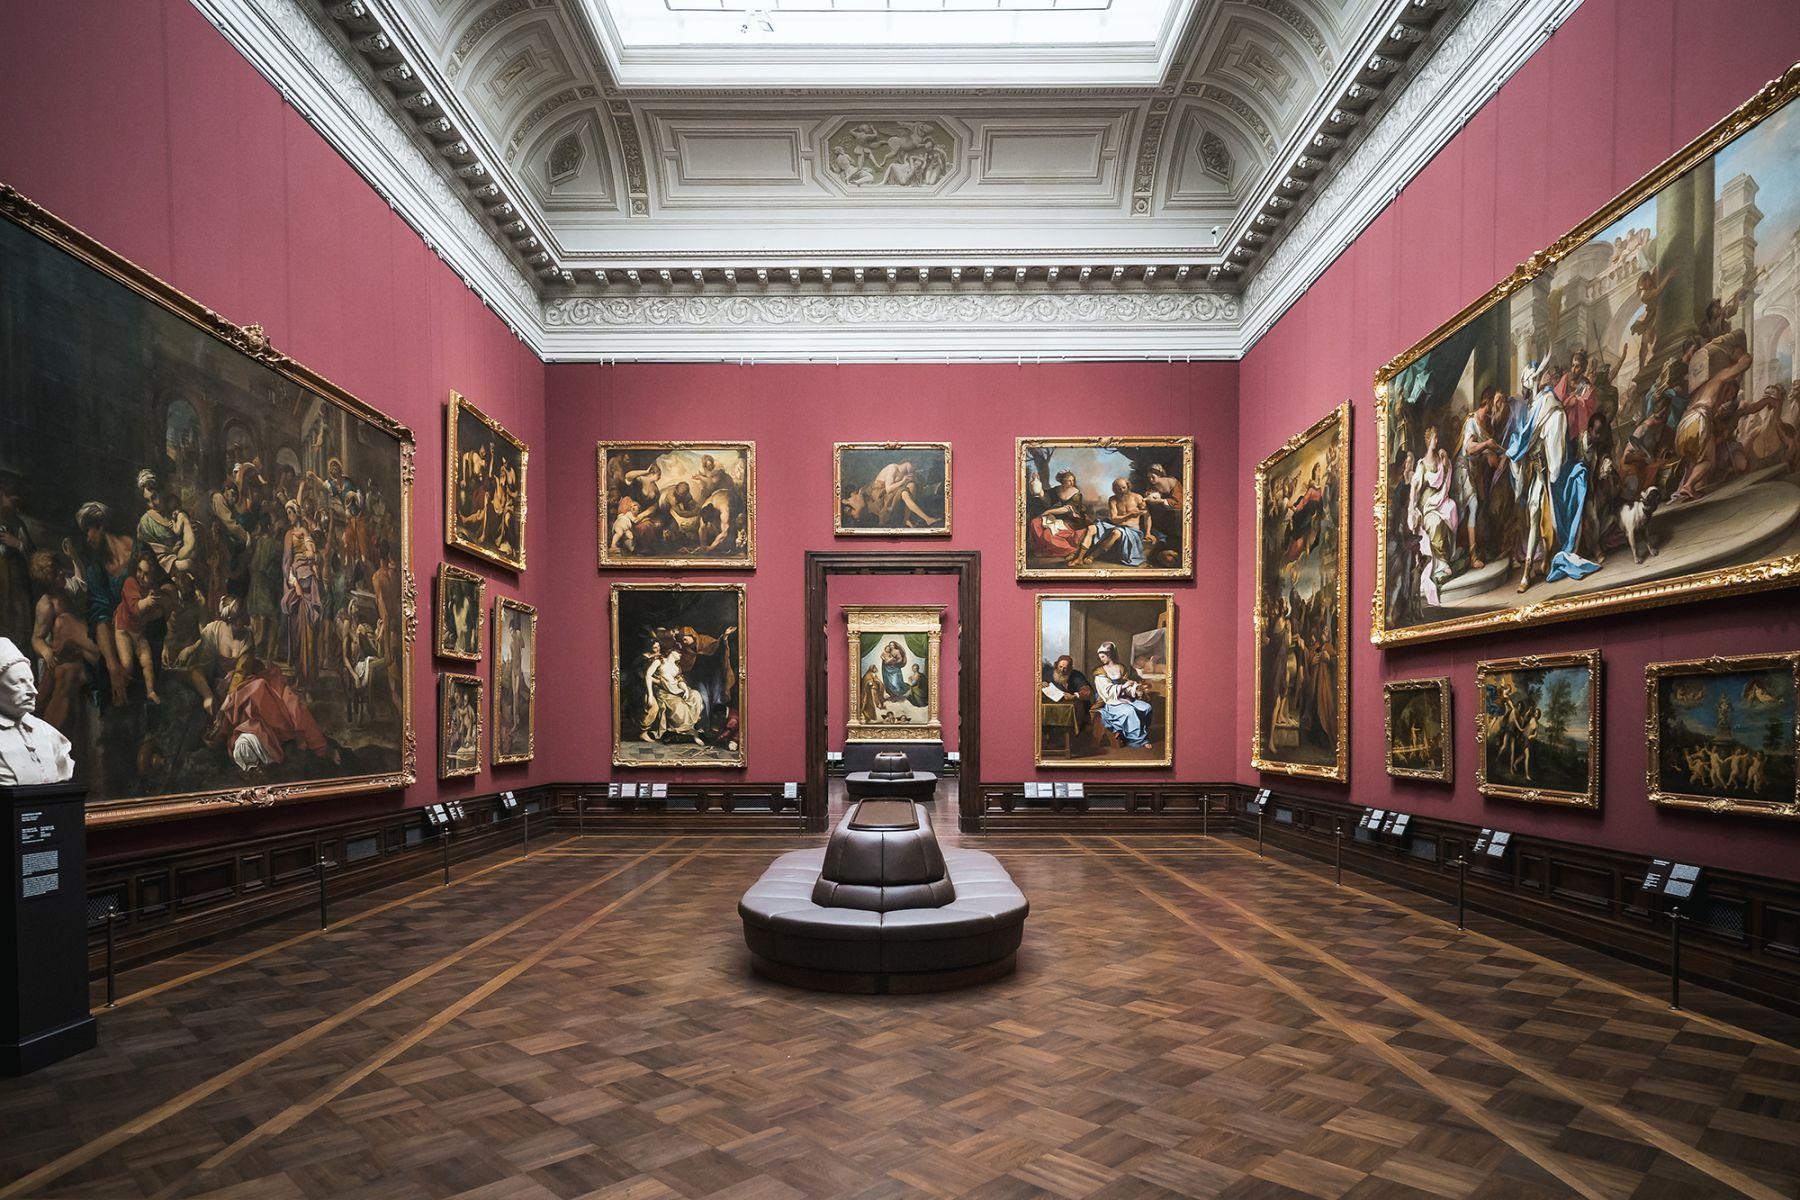 In de Gemäldegalerie Alte Meister zijn veel mooie kunstwerken te bewonderen | Beeld: Sebastian Weingart (DML-BY)